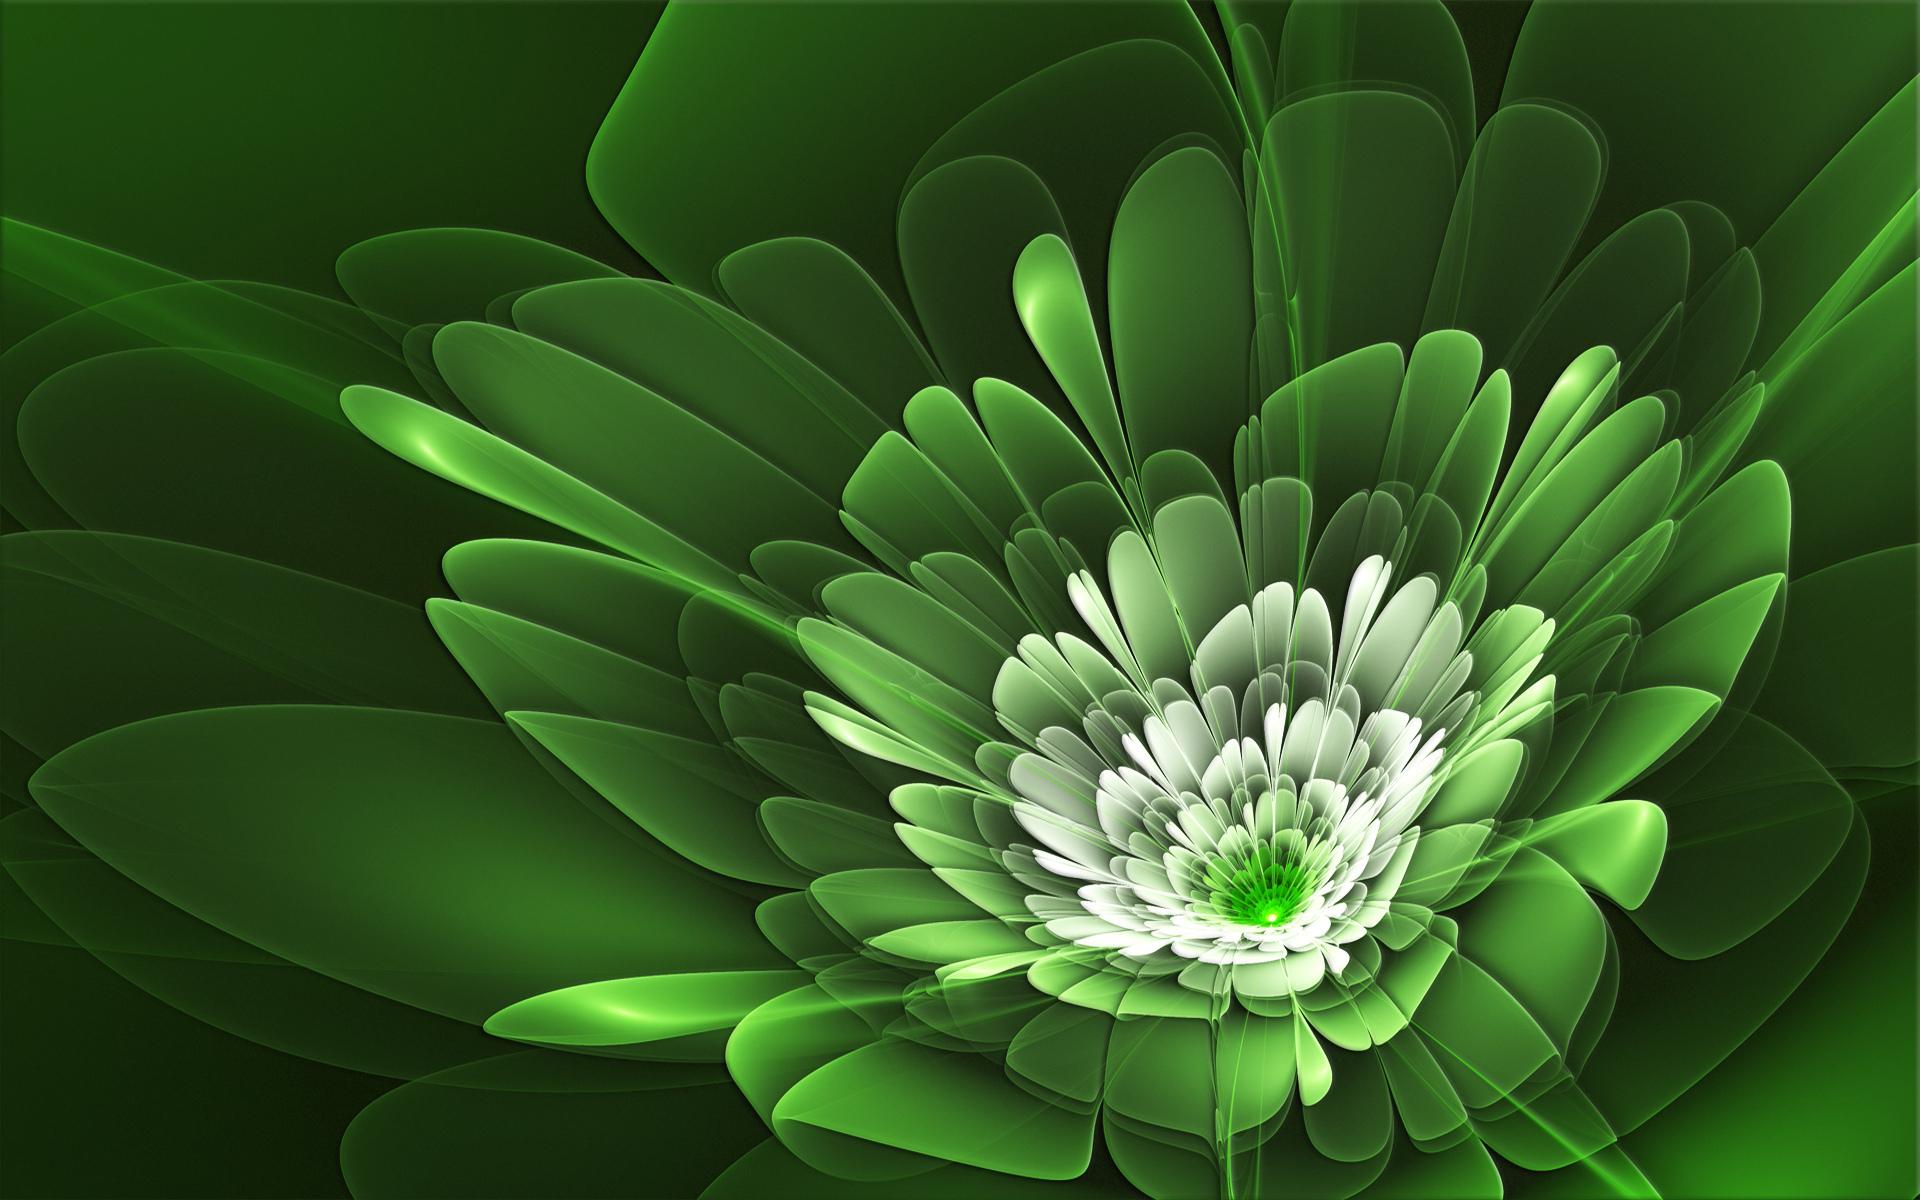 дерзкие картинки в бело зеленых тонах можно